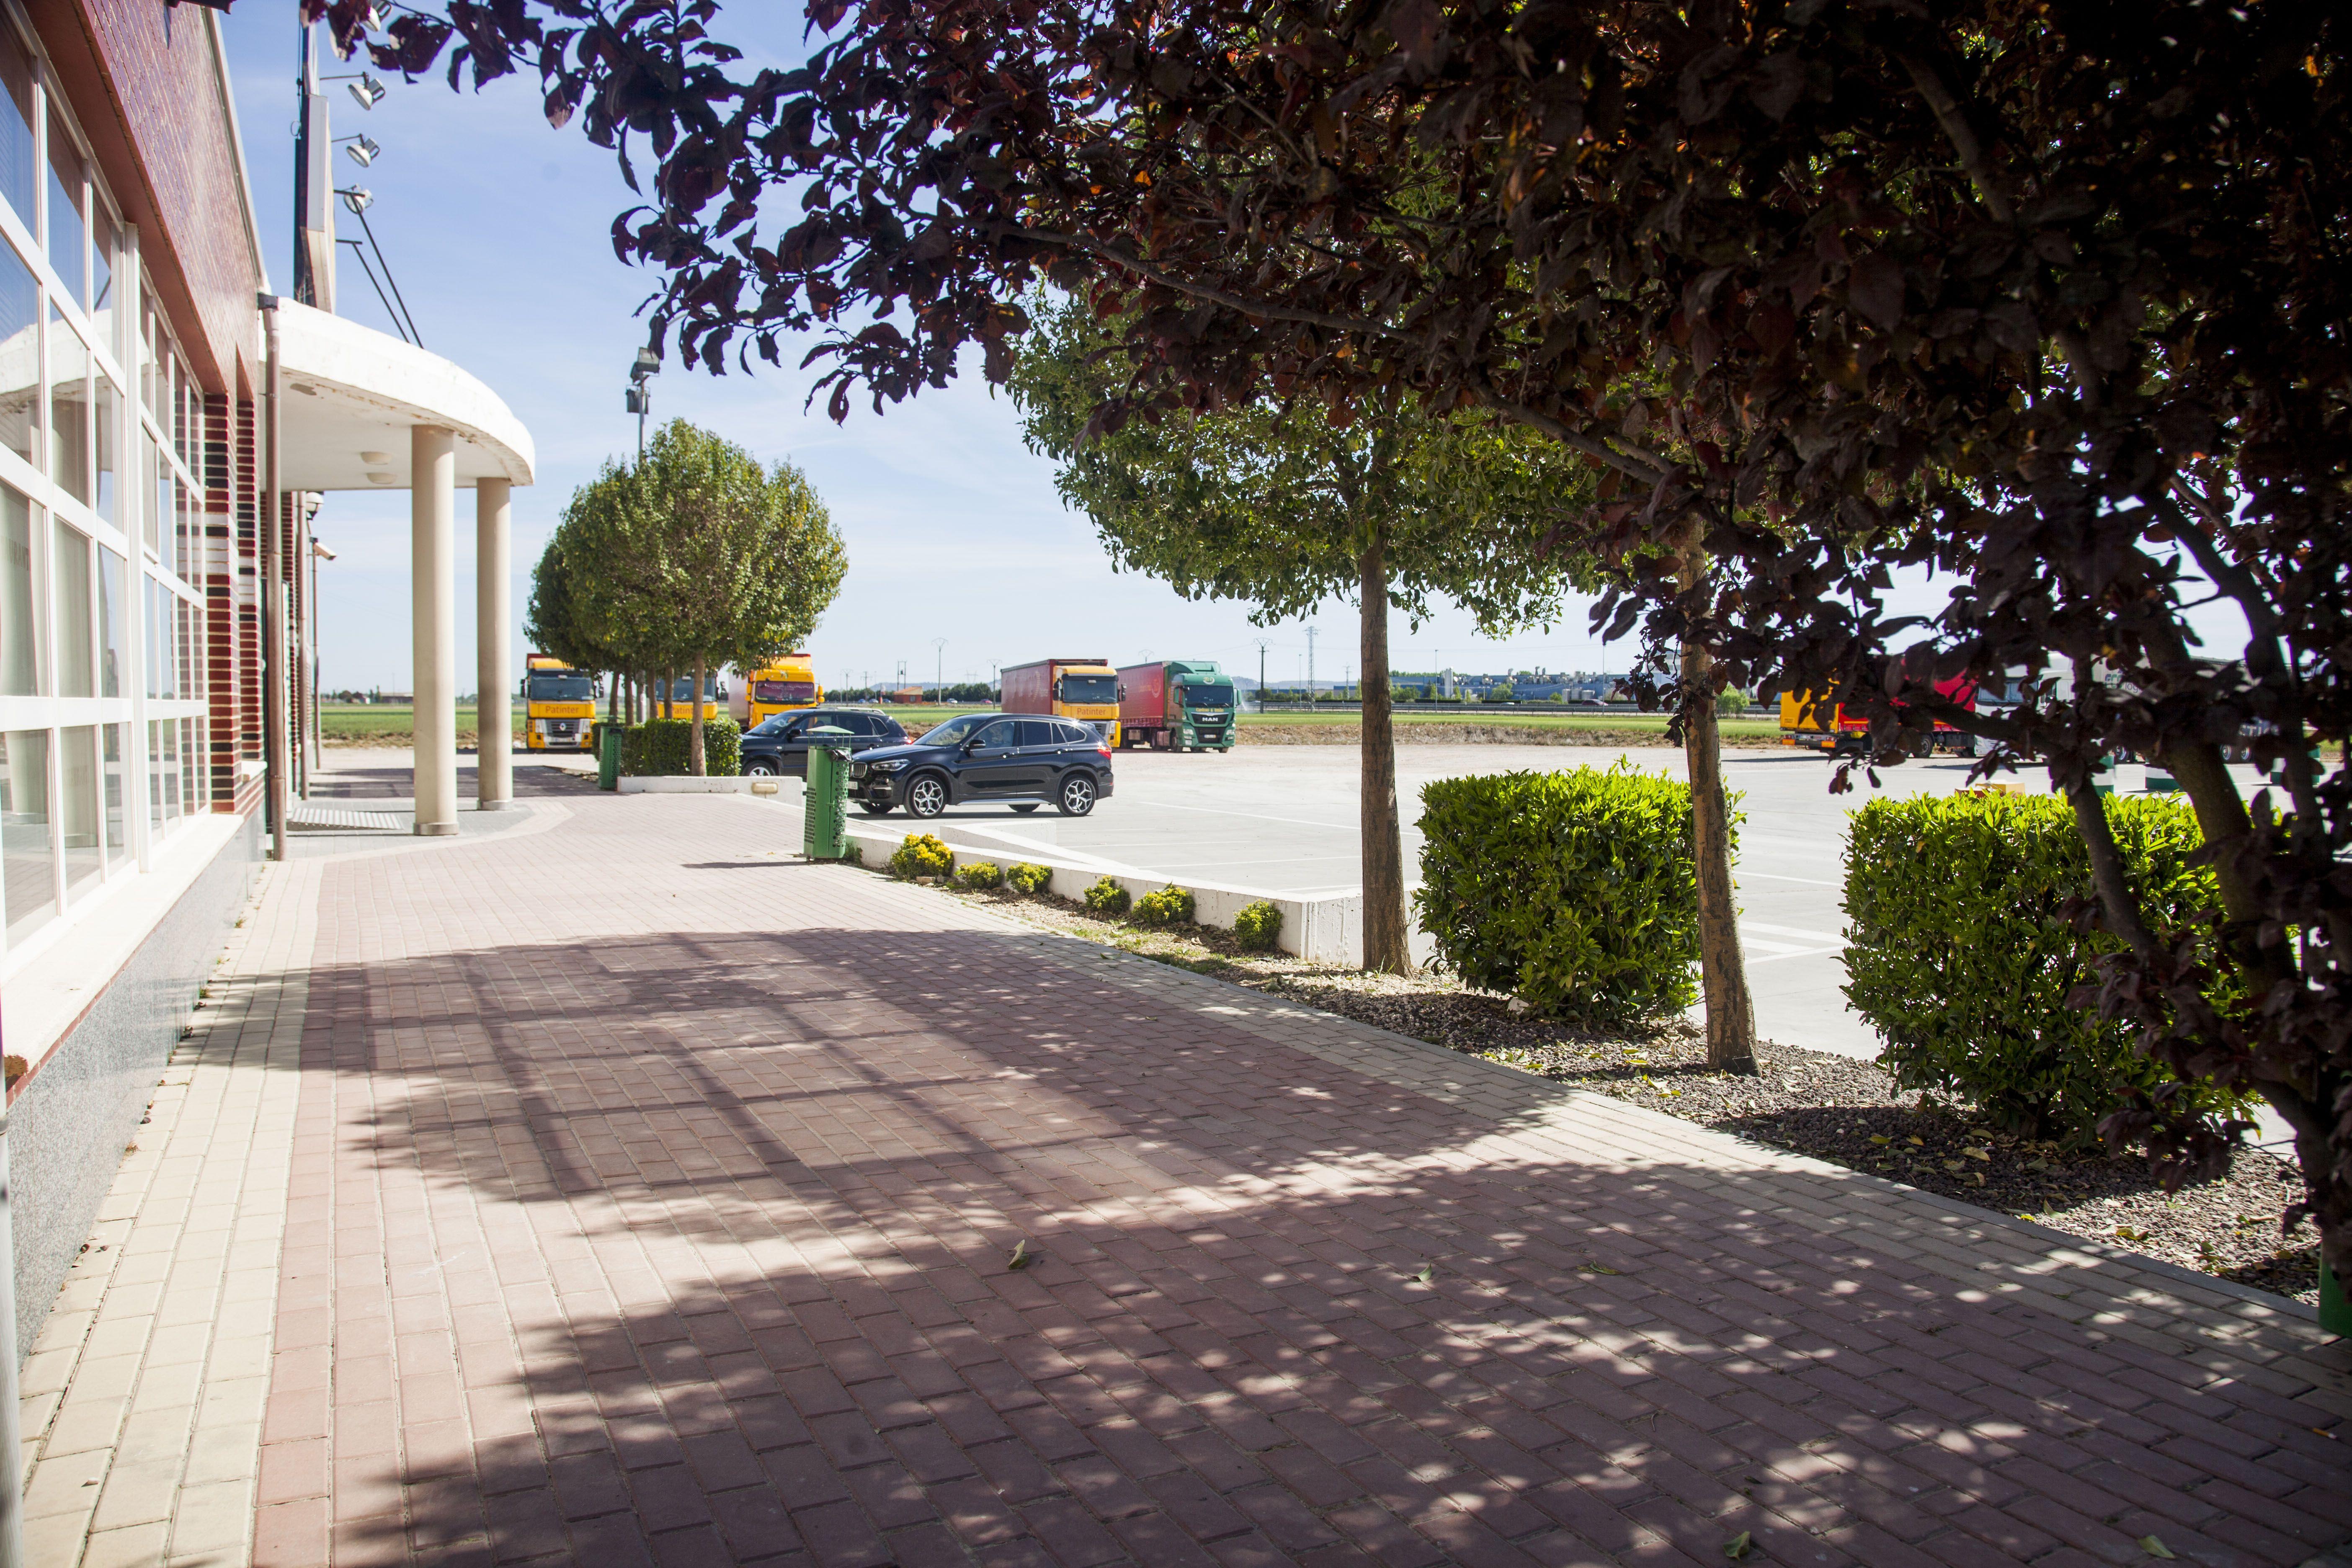 Amplio aparcamiento para coches y camiones en La Chamorra